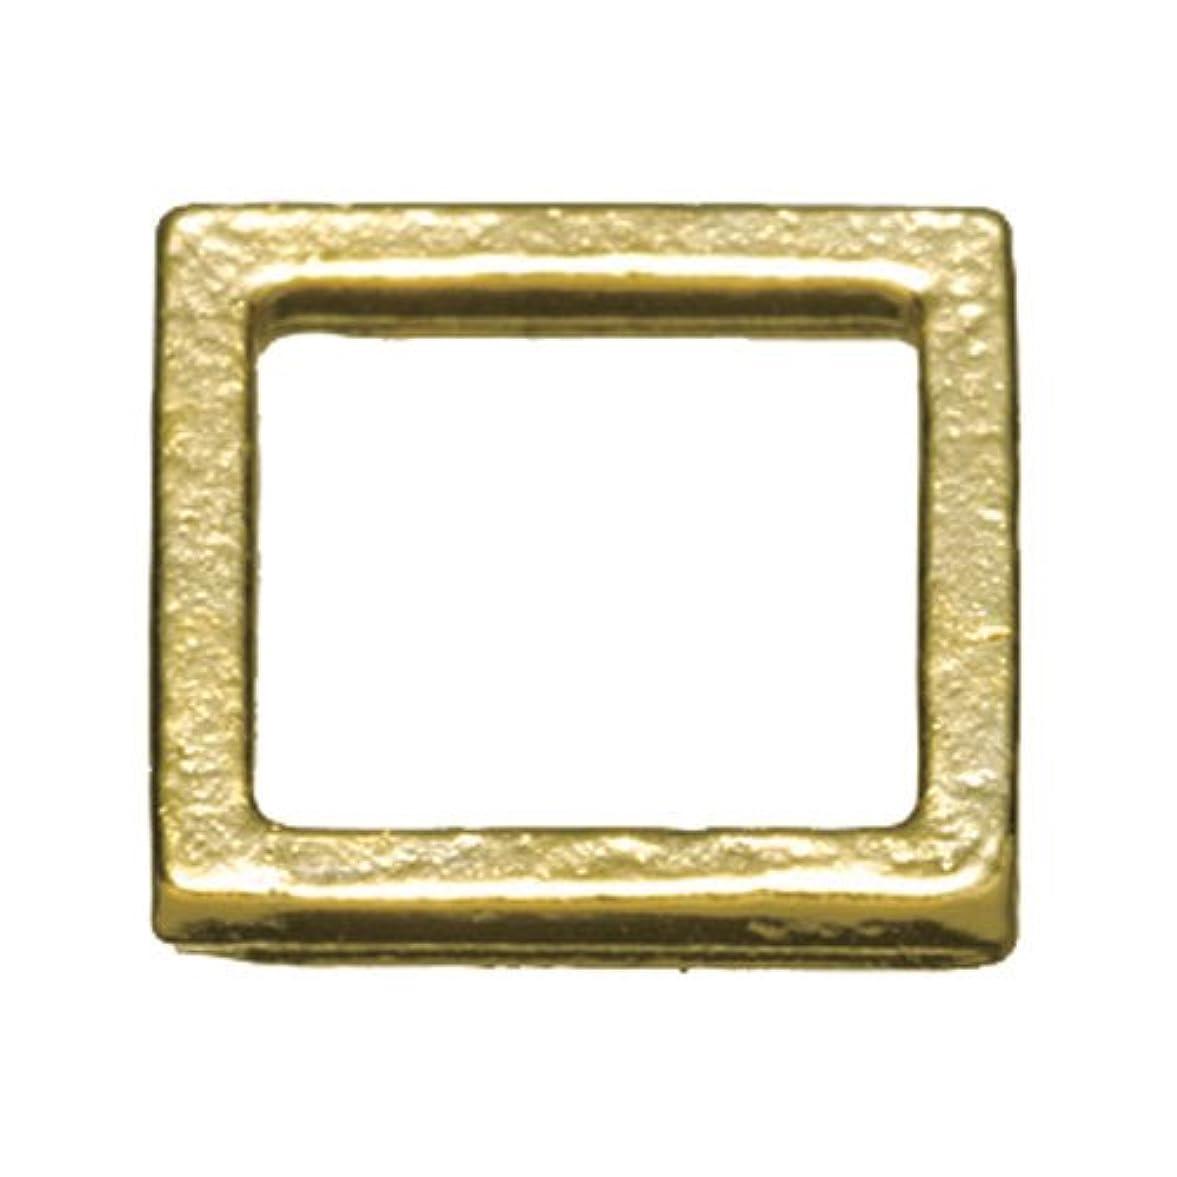 ゴージャス啓示たくさんのプリティーネイル ネイルアートパーツ プレーンスクエアM ゴールド  12個